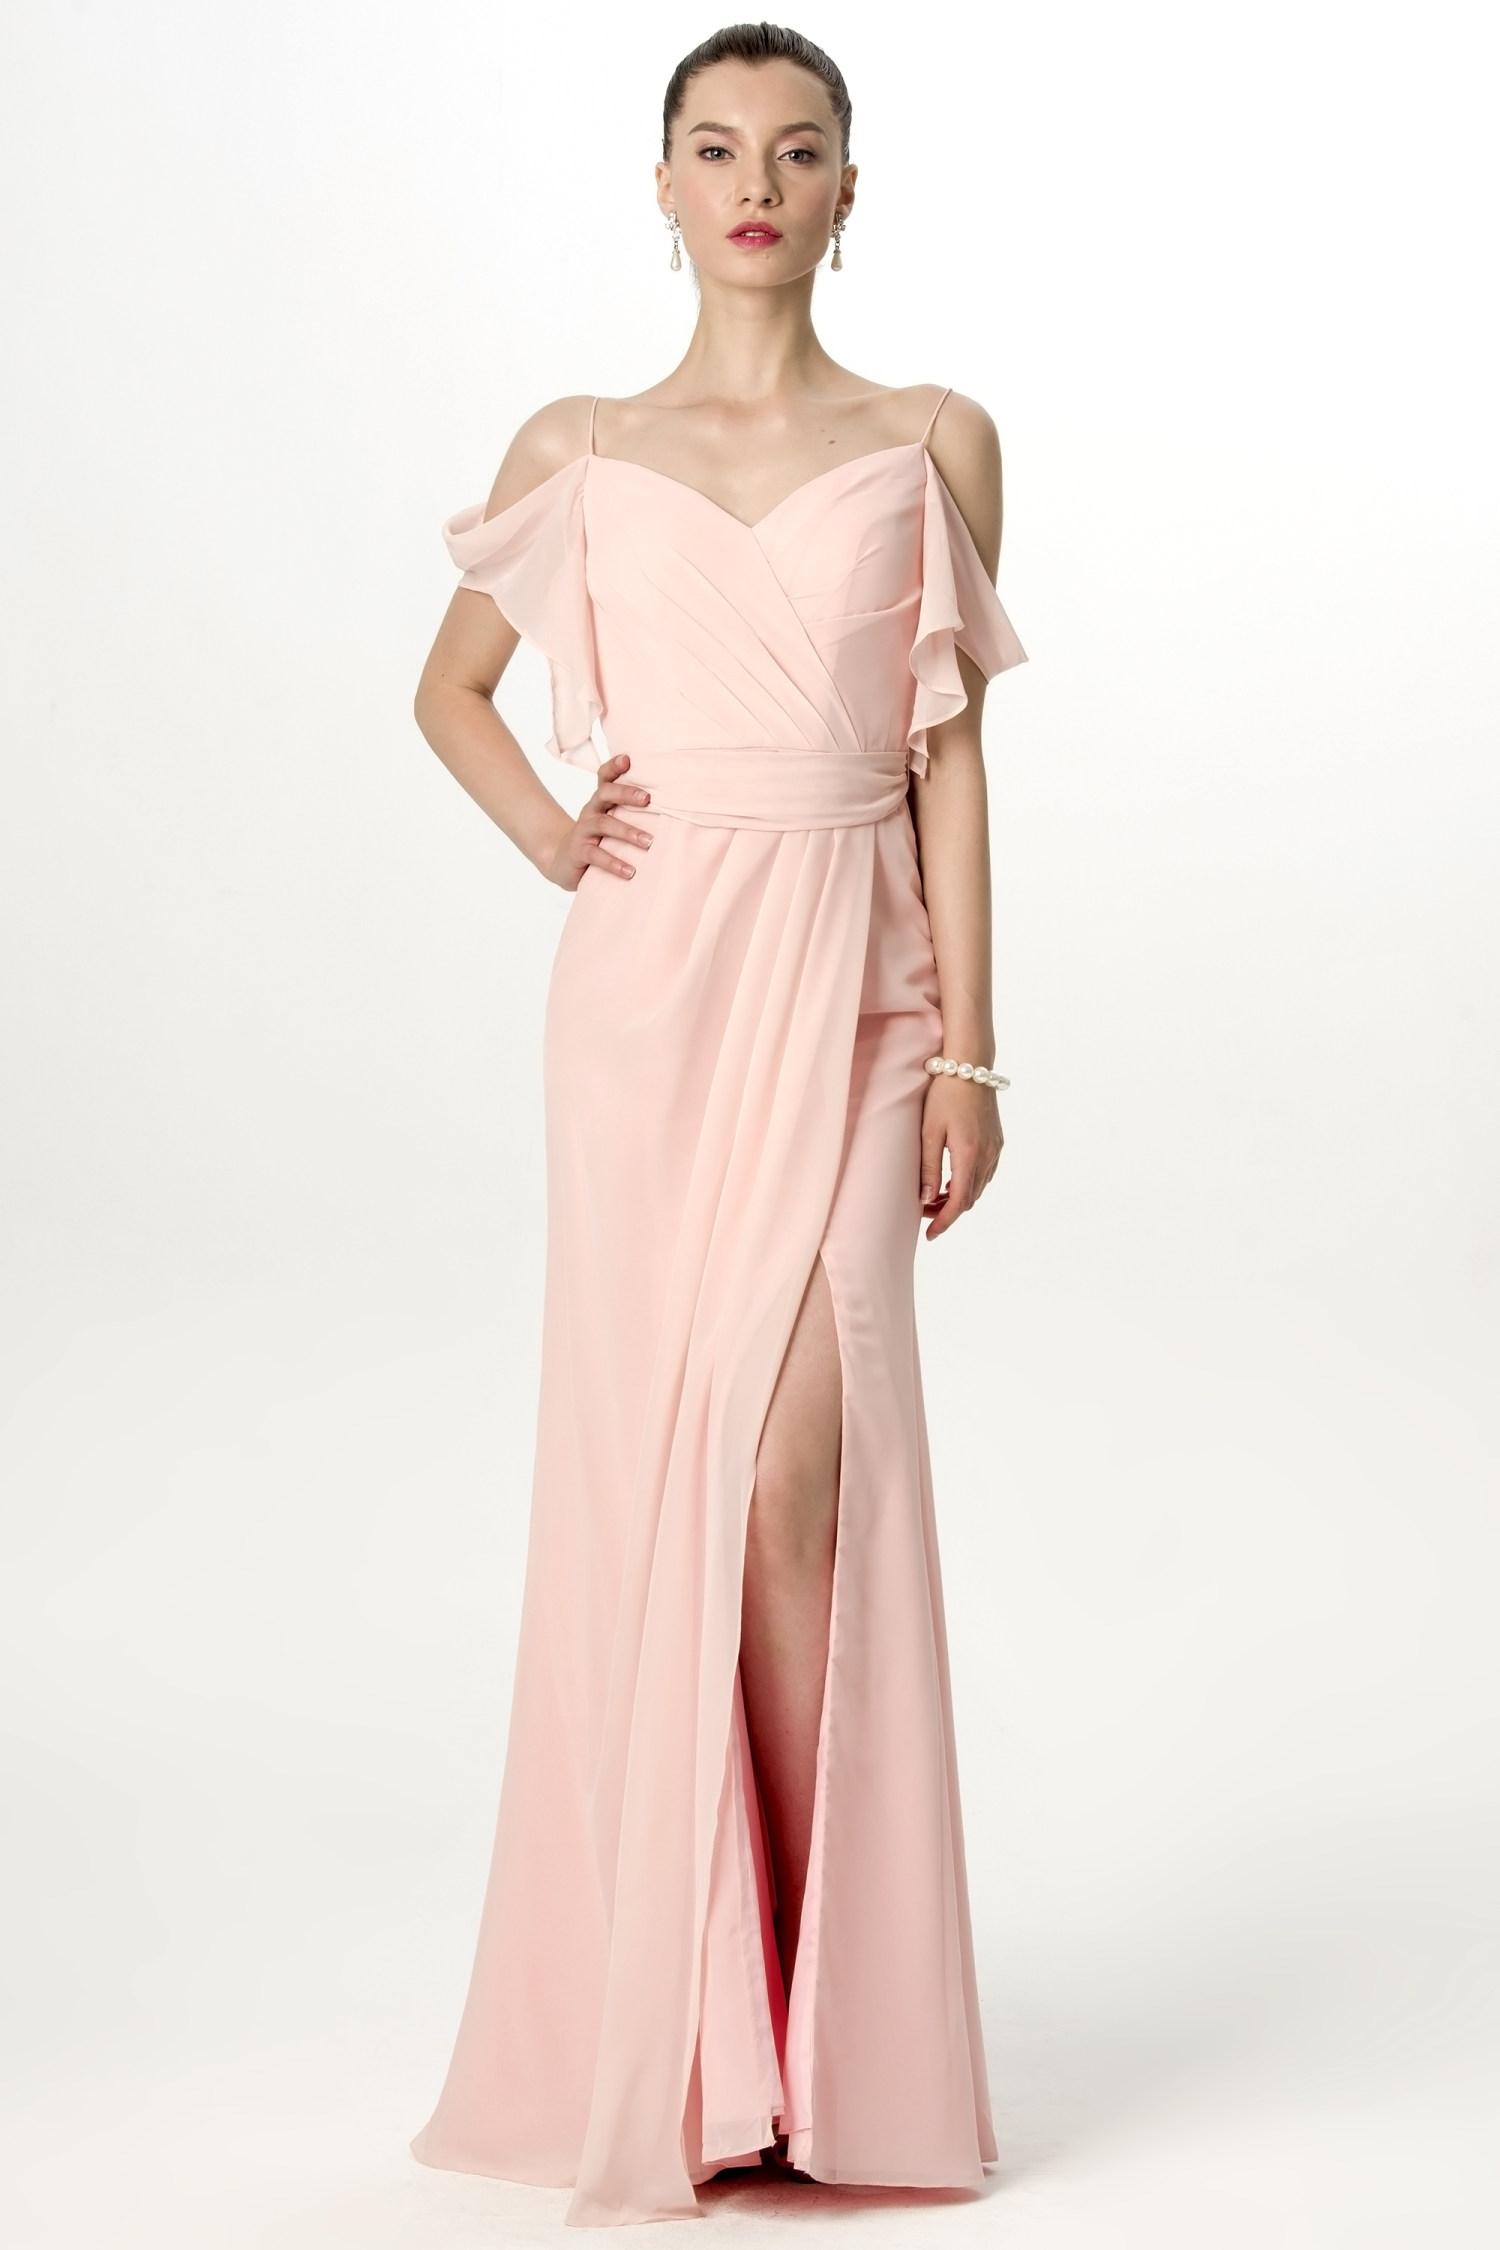 Off-Shoulder Slit-Hem Bridesmaid Dress | Bycouturier